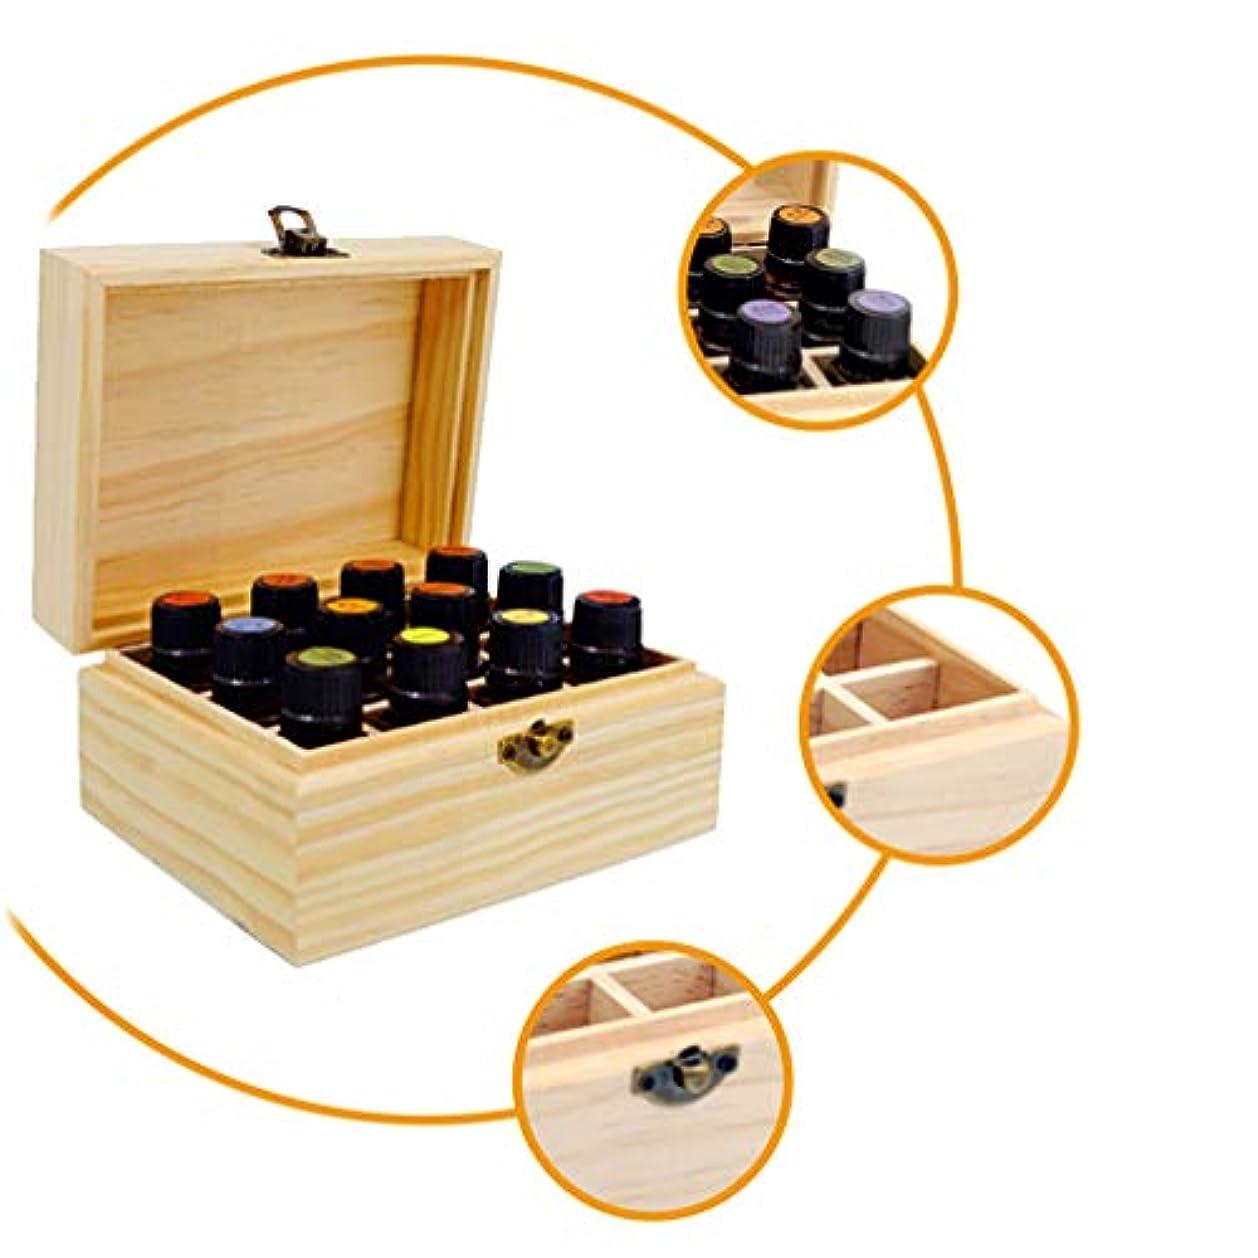 文字自発金貸しJIOLK エッセンシャルオイル 収納ボックス 12本用 木製 香水収納ケース 大容量 精油収納 携帯便利 オイルボックス おしゃれ 精油ケース